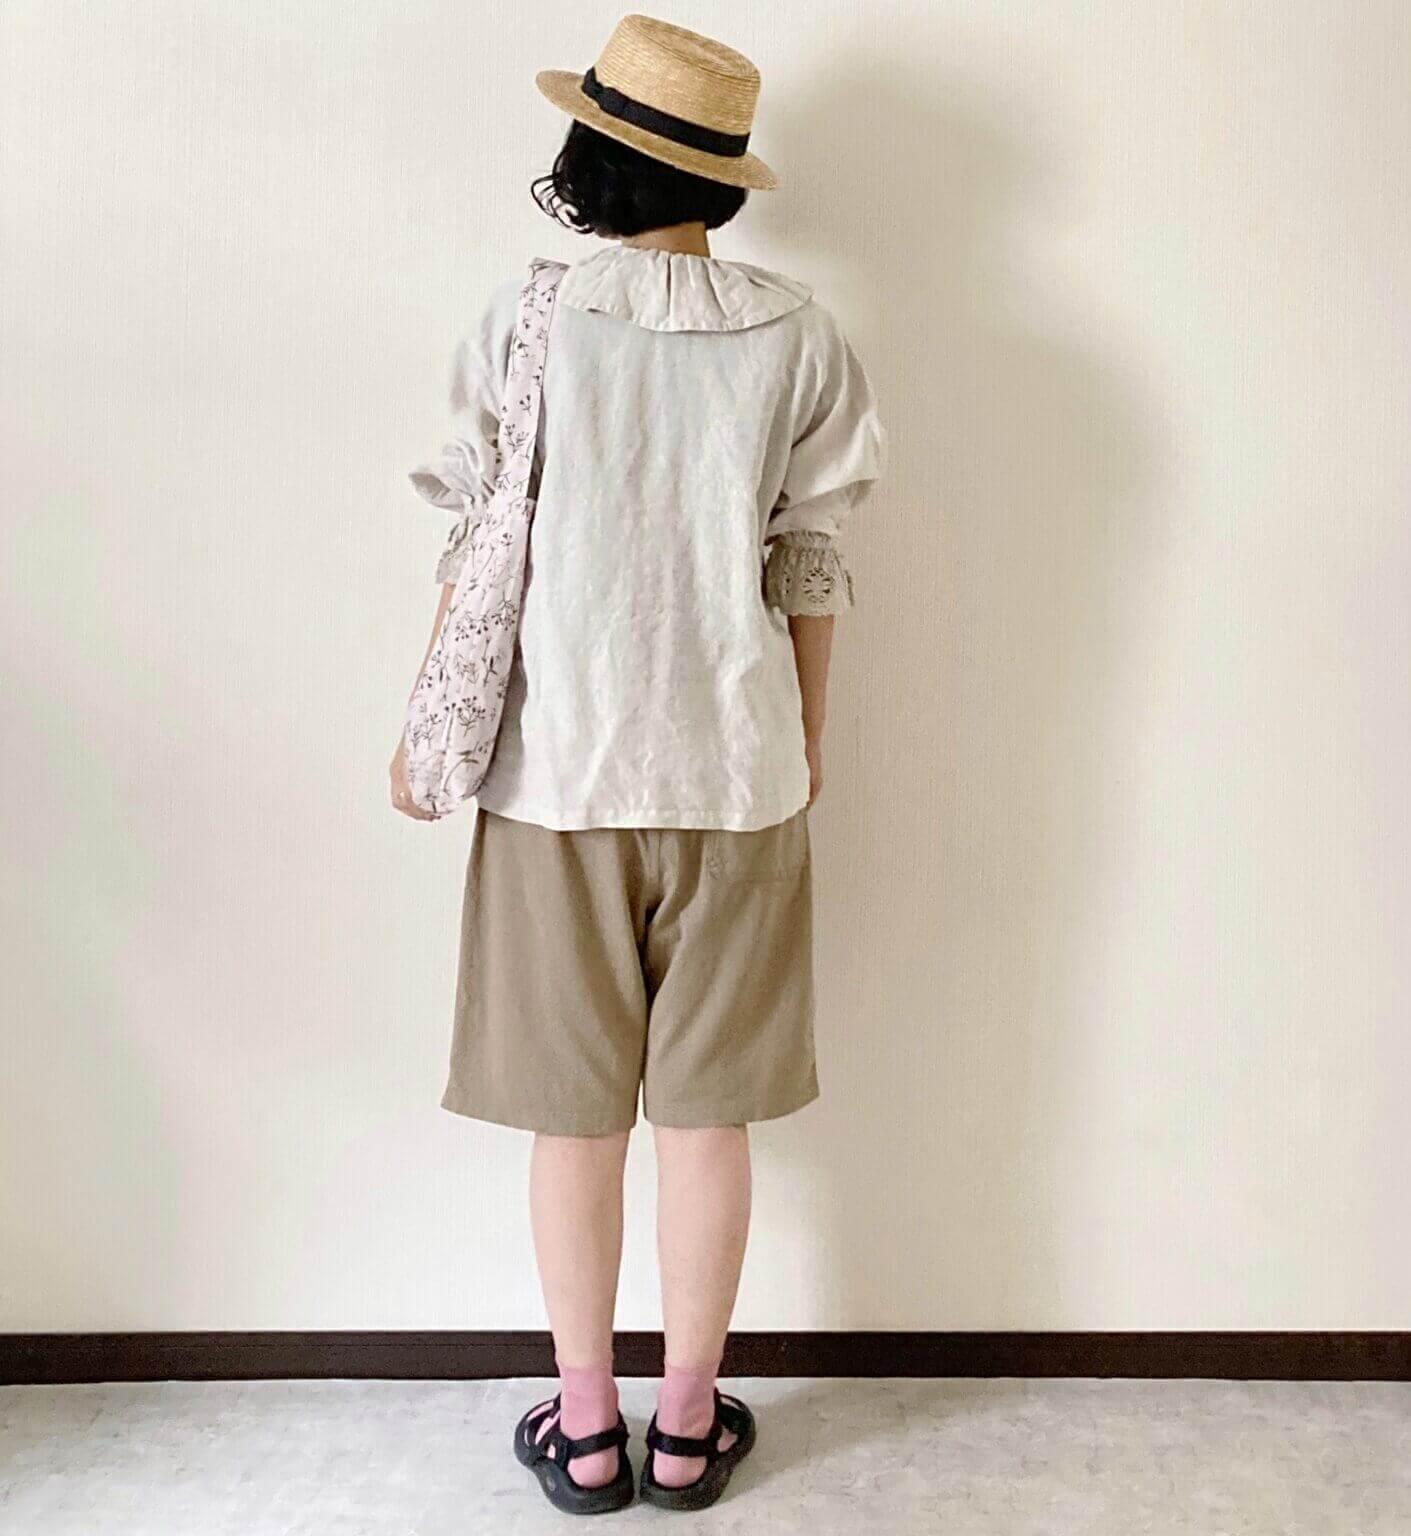 ユニクロで!「大人のハーフパンツコーデ」デビュー!【夏コーデ4パターン】